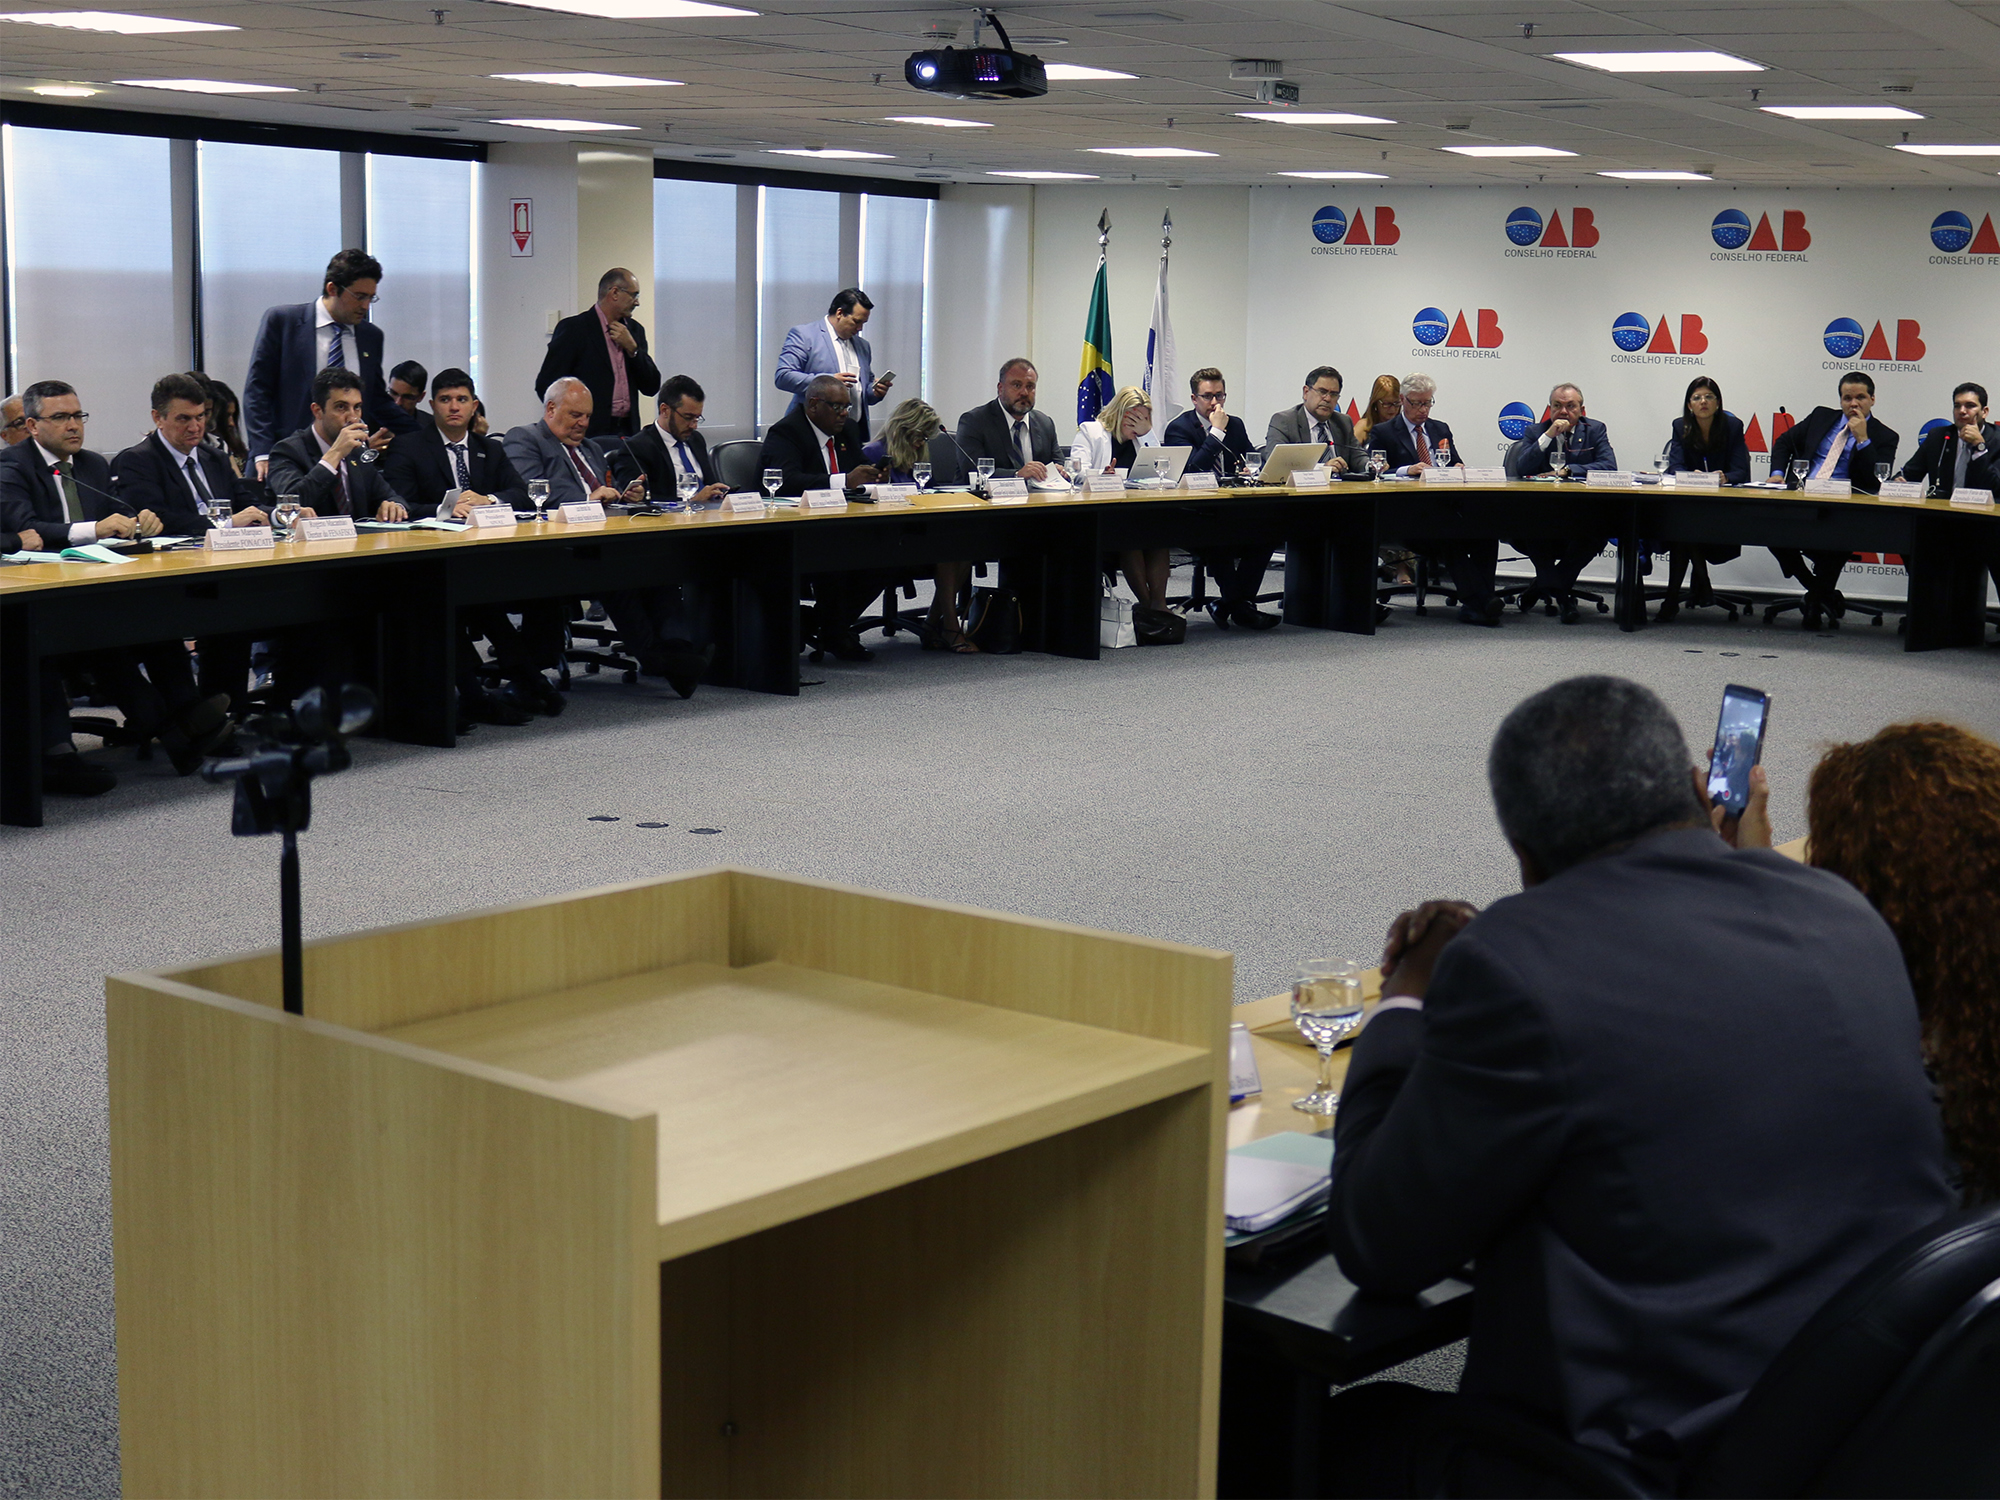 Auditório da OAB Nacional recebeu dezenas de representantes da sociedade civil organizada.